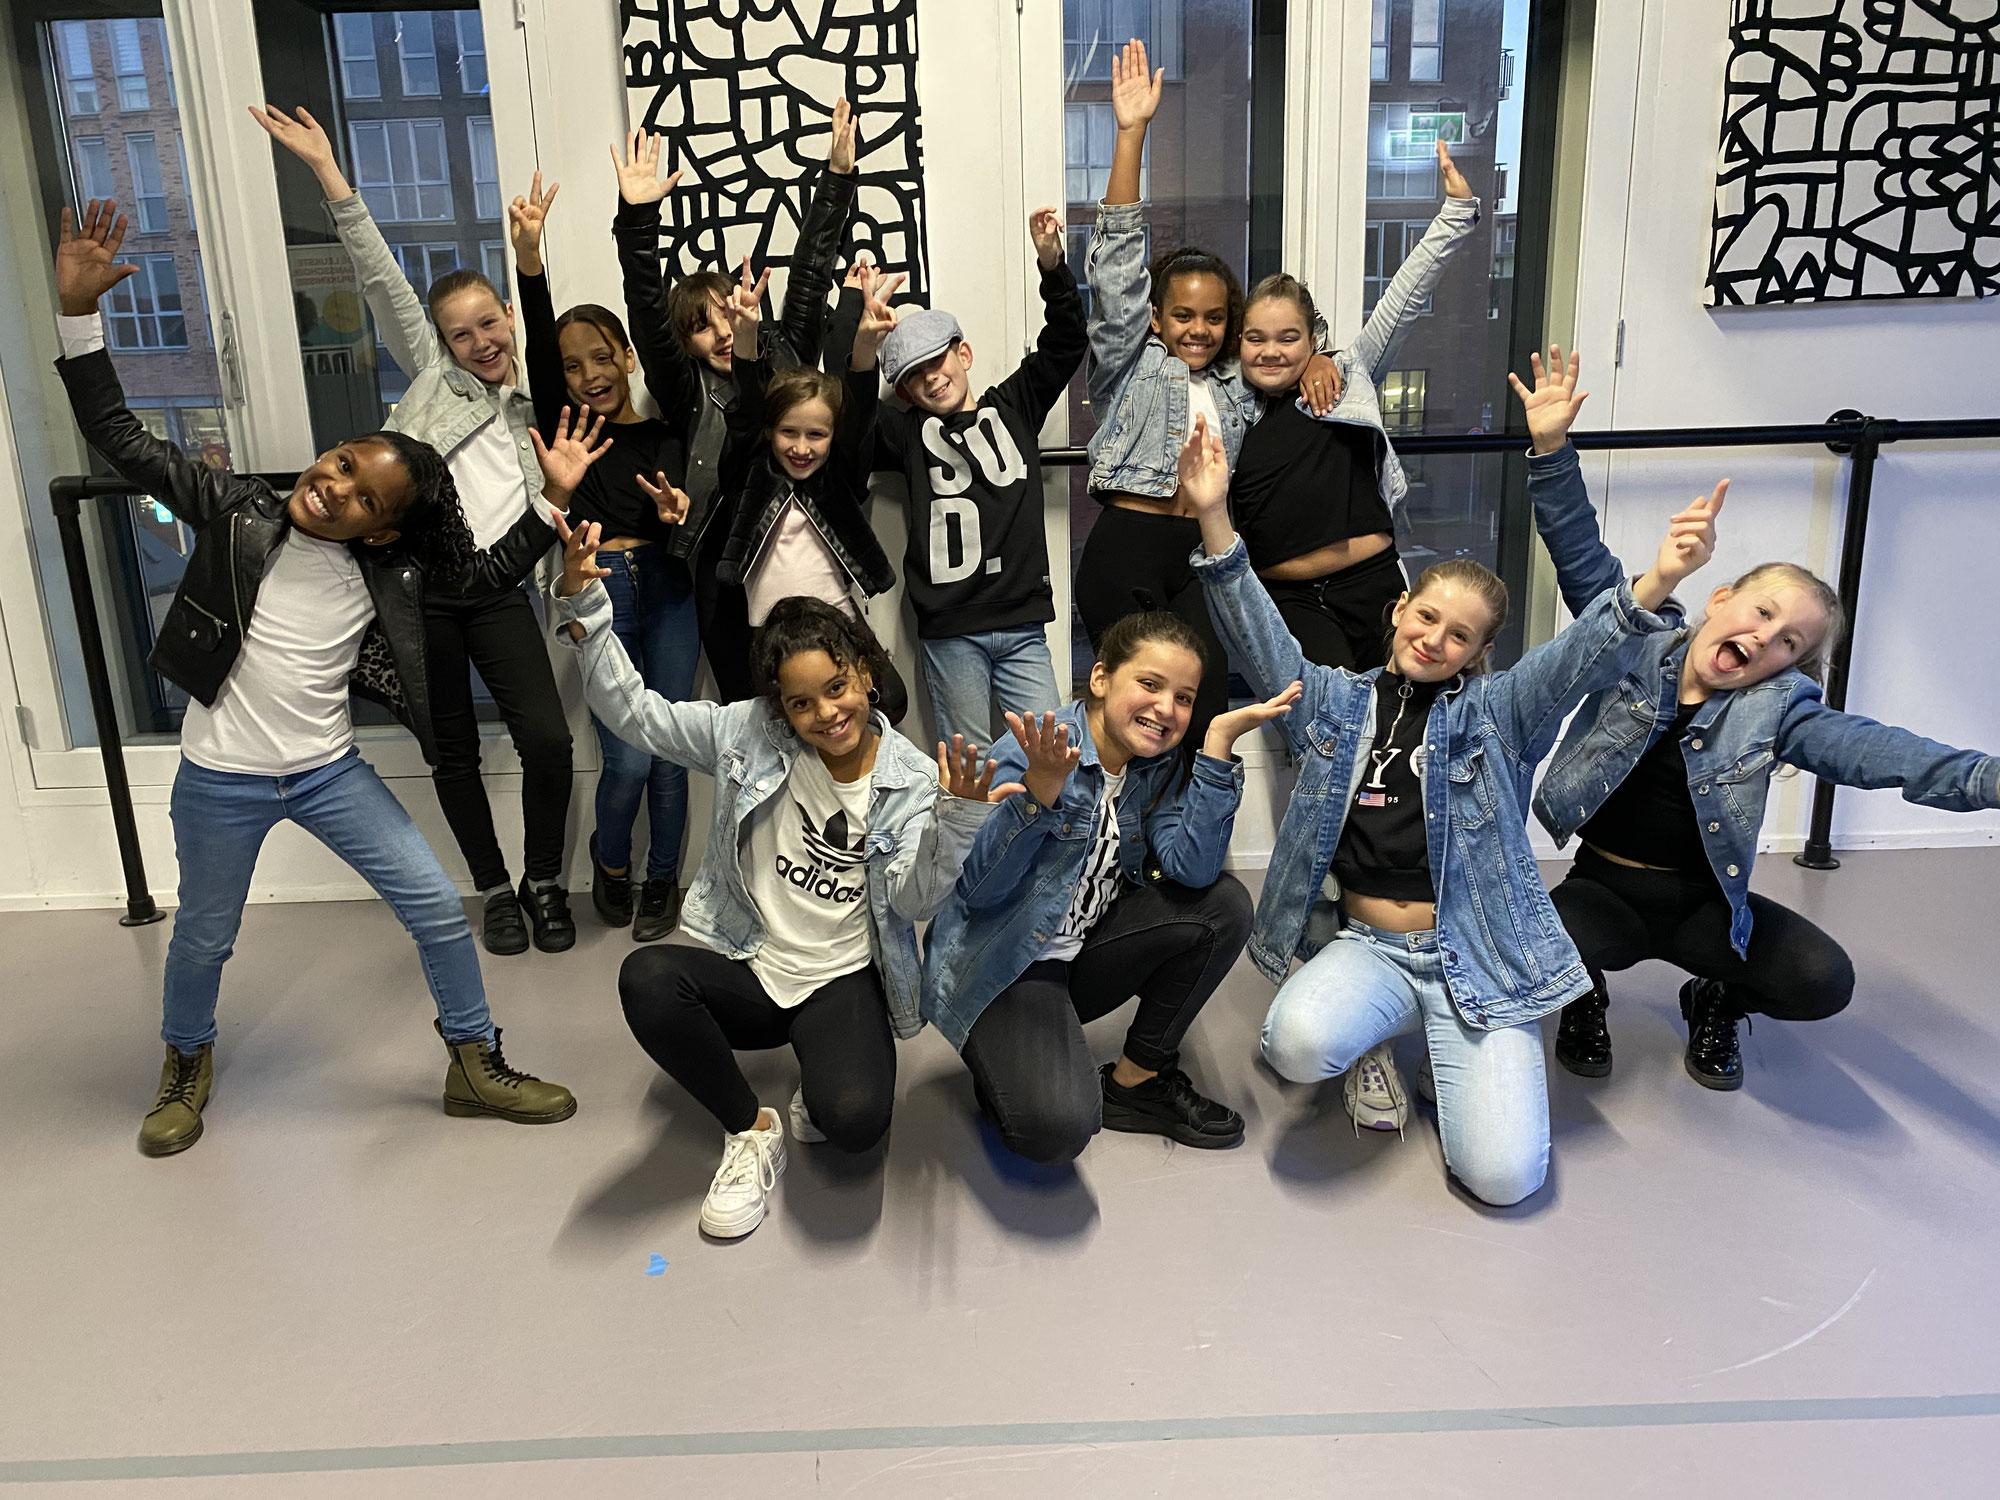 Dansers van Dansstudio KP winnen UDO streetdance kampioenschap Benelux